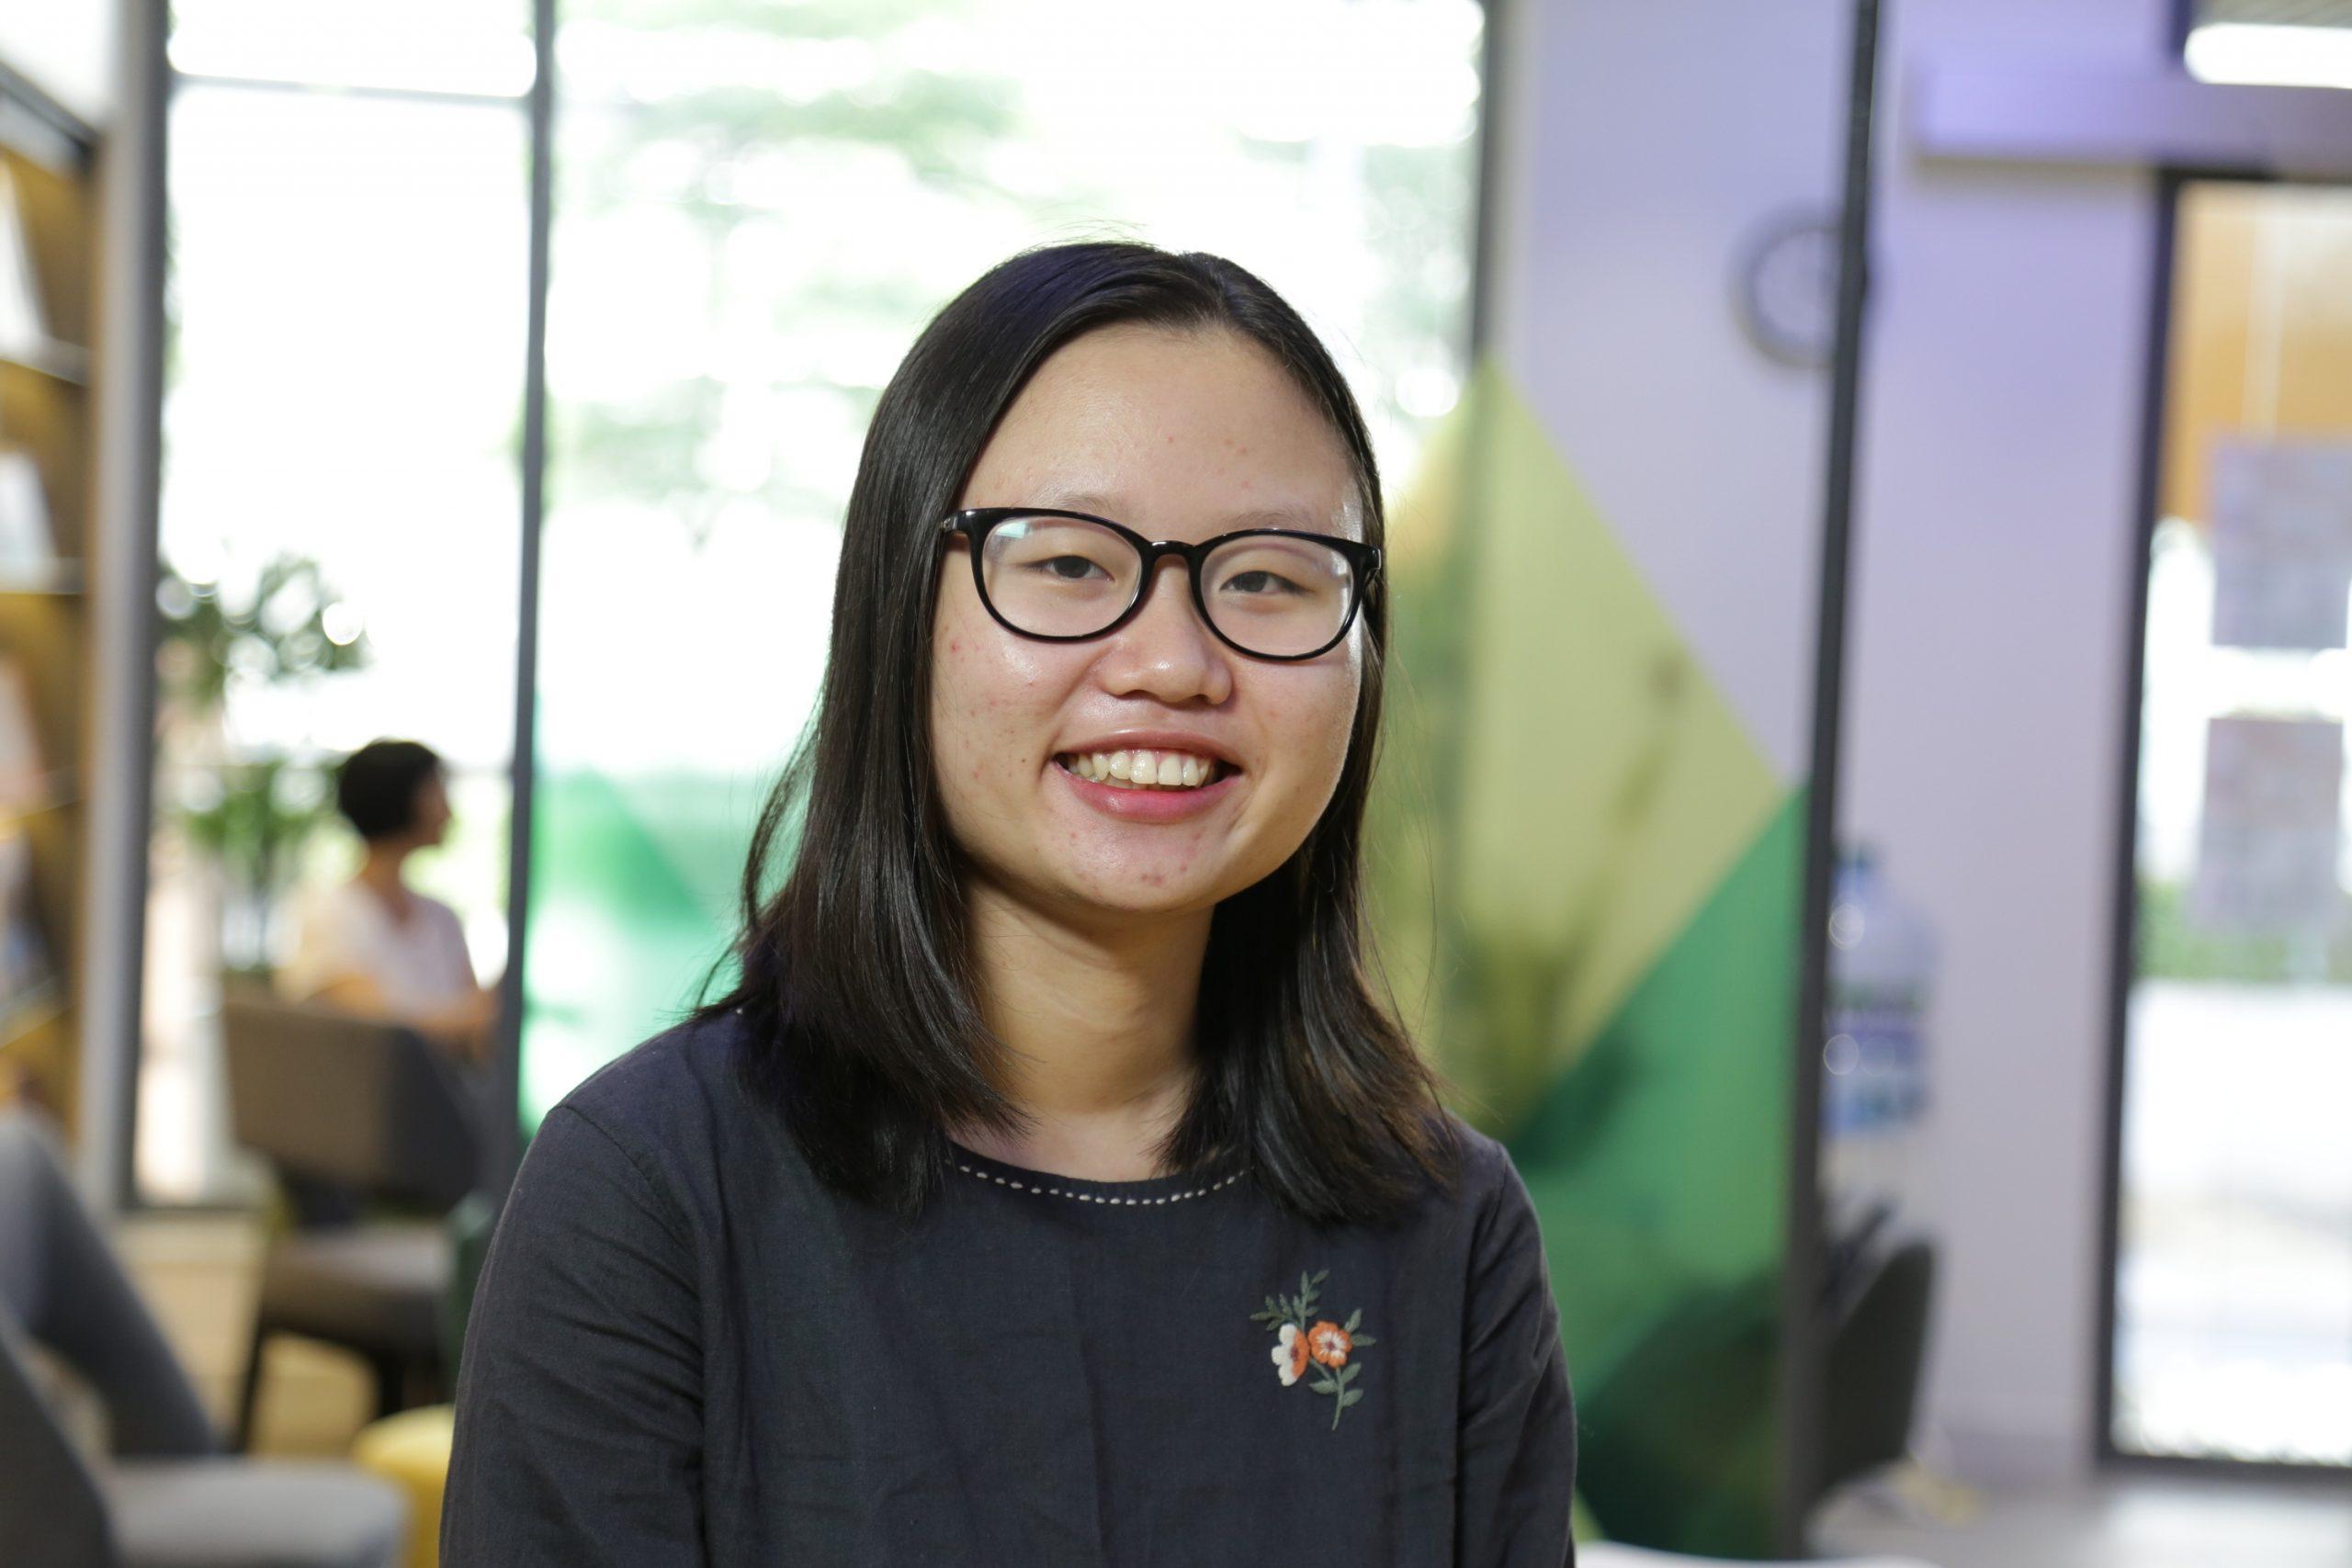 du hoc dai hoc khai phong - Nguyen Mai Kieu Anh